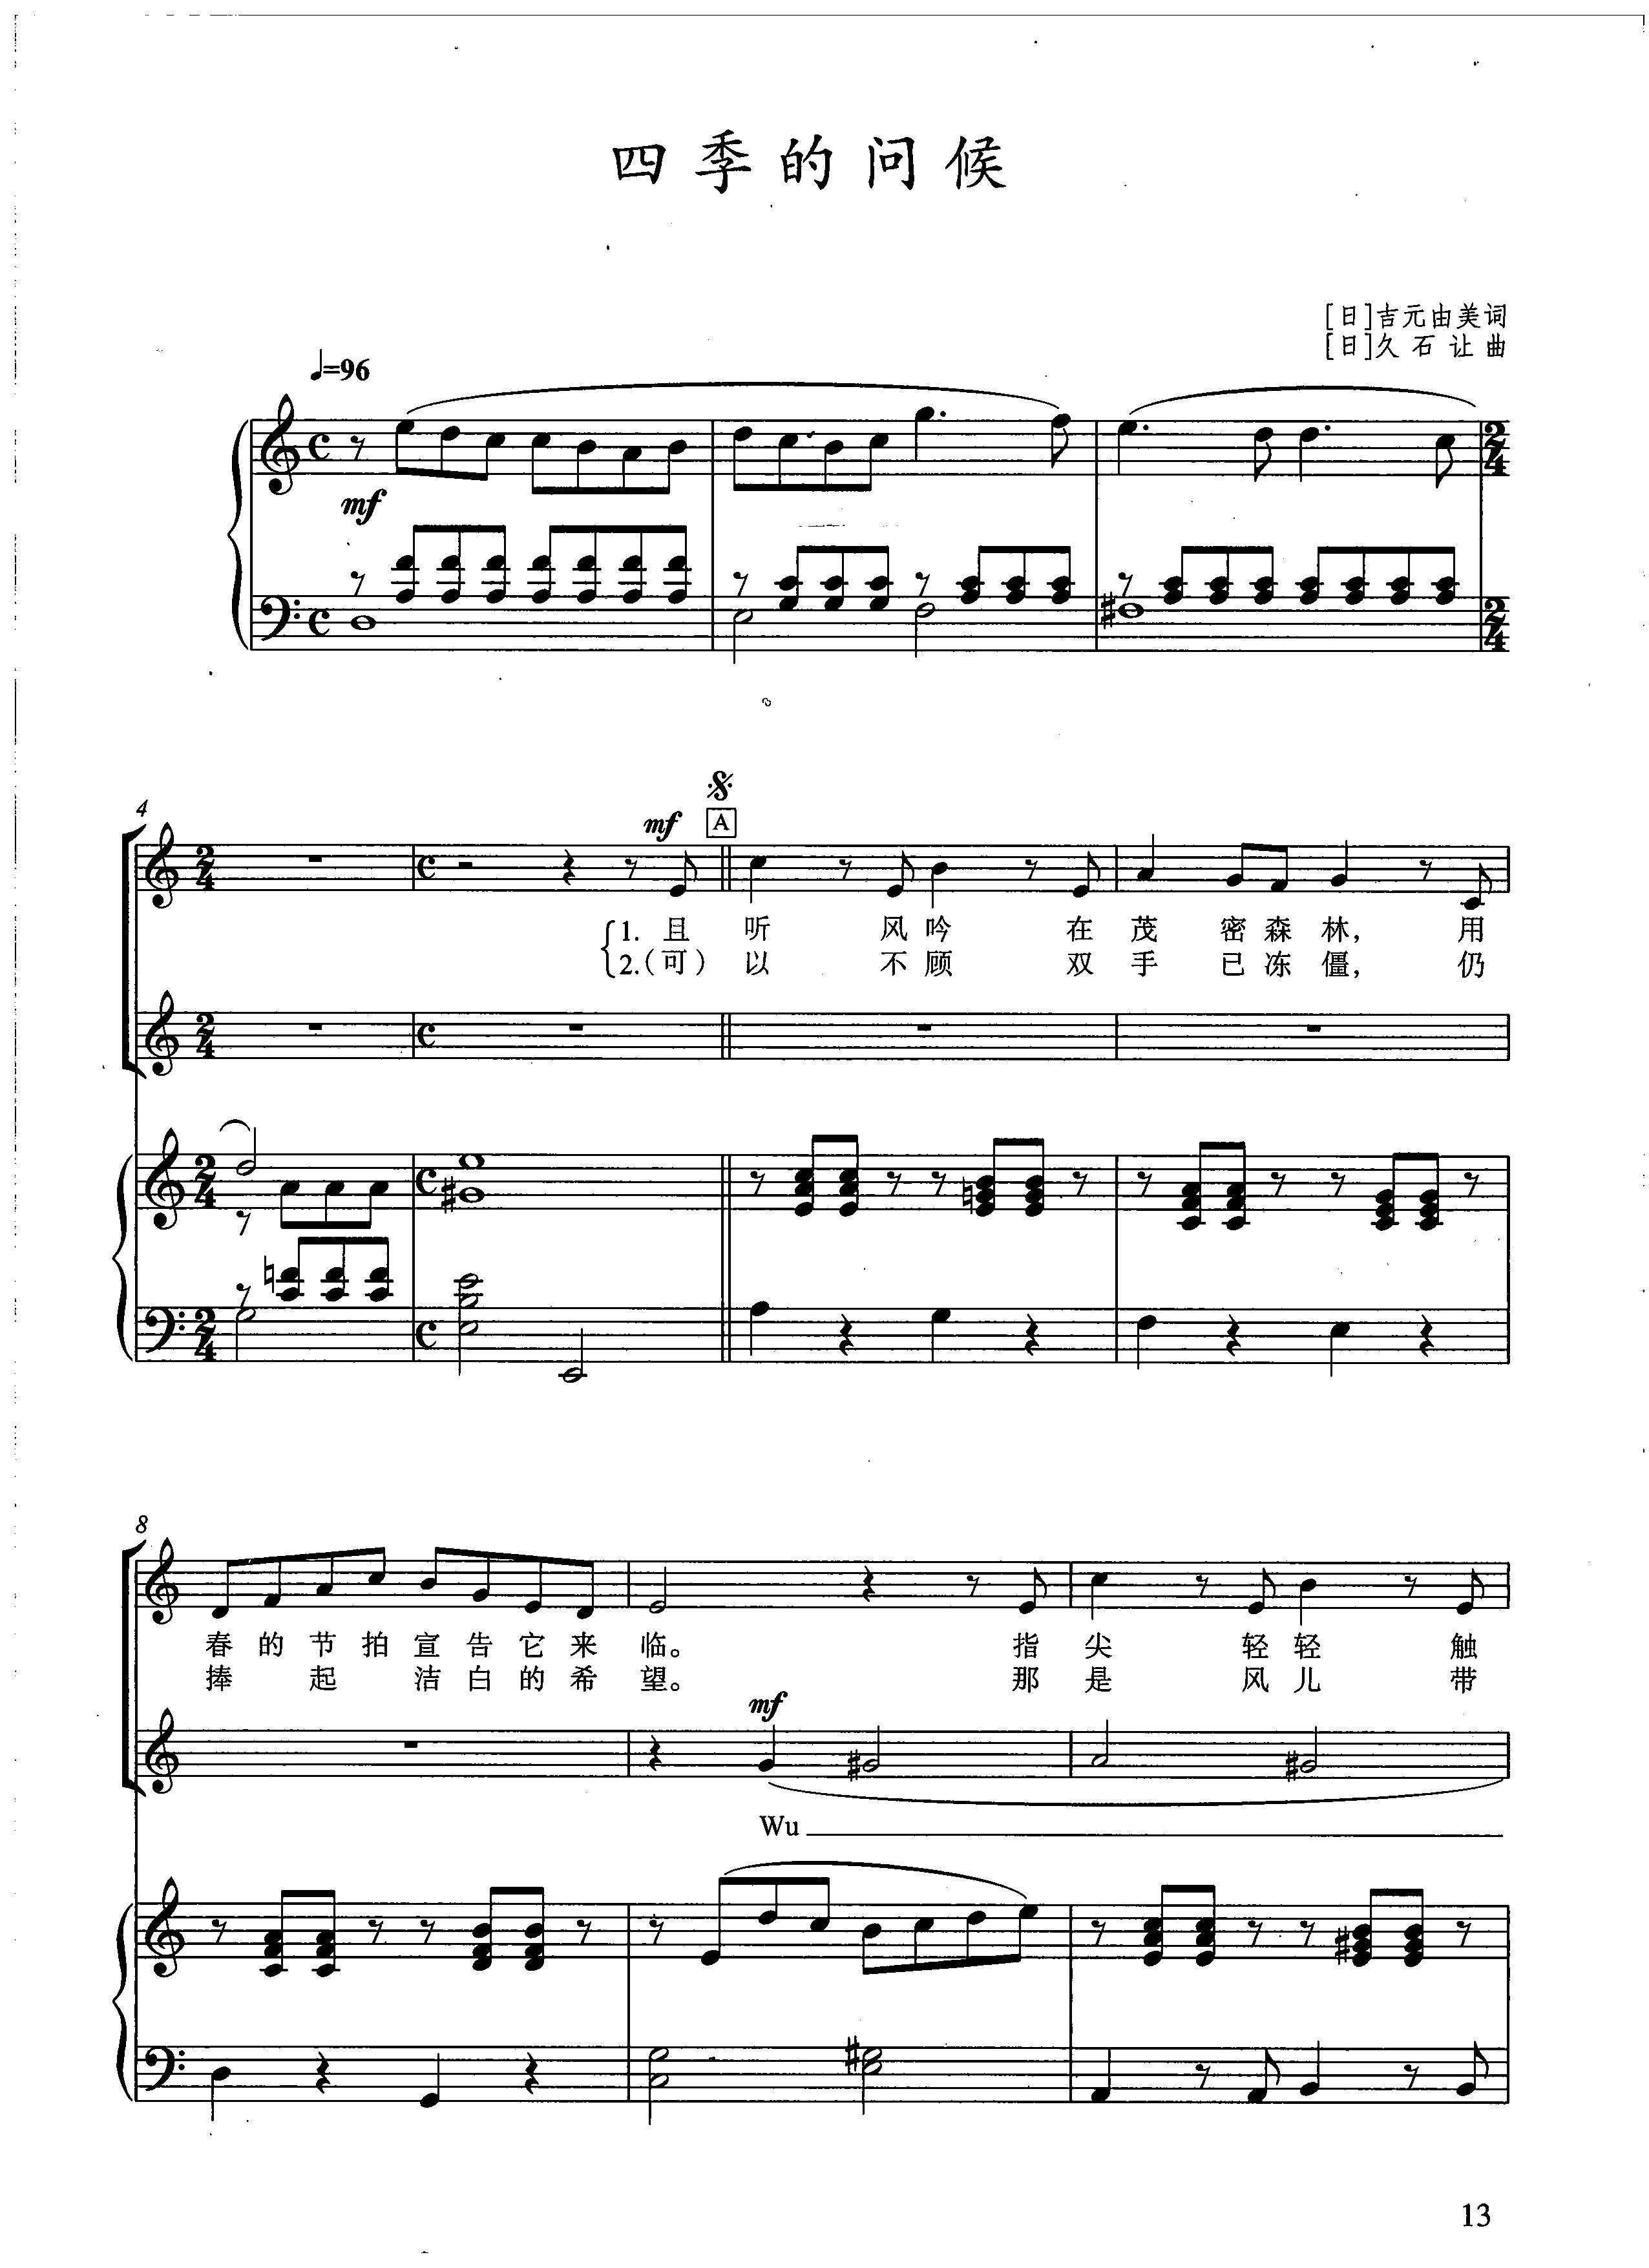 四季的问候 合唱谱 钢琴伴奏谱正谱合唱谱五线谱零售网